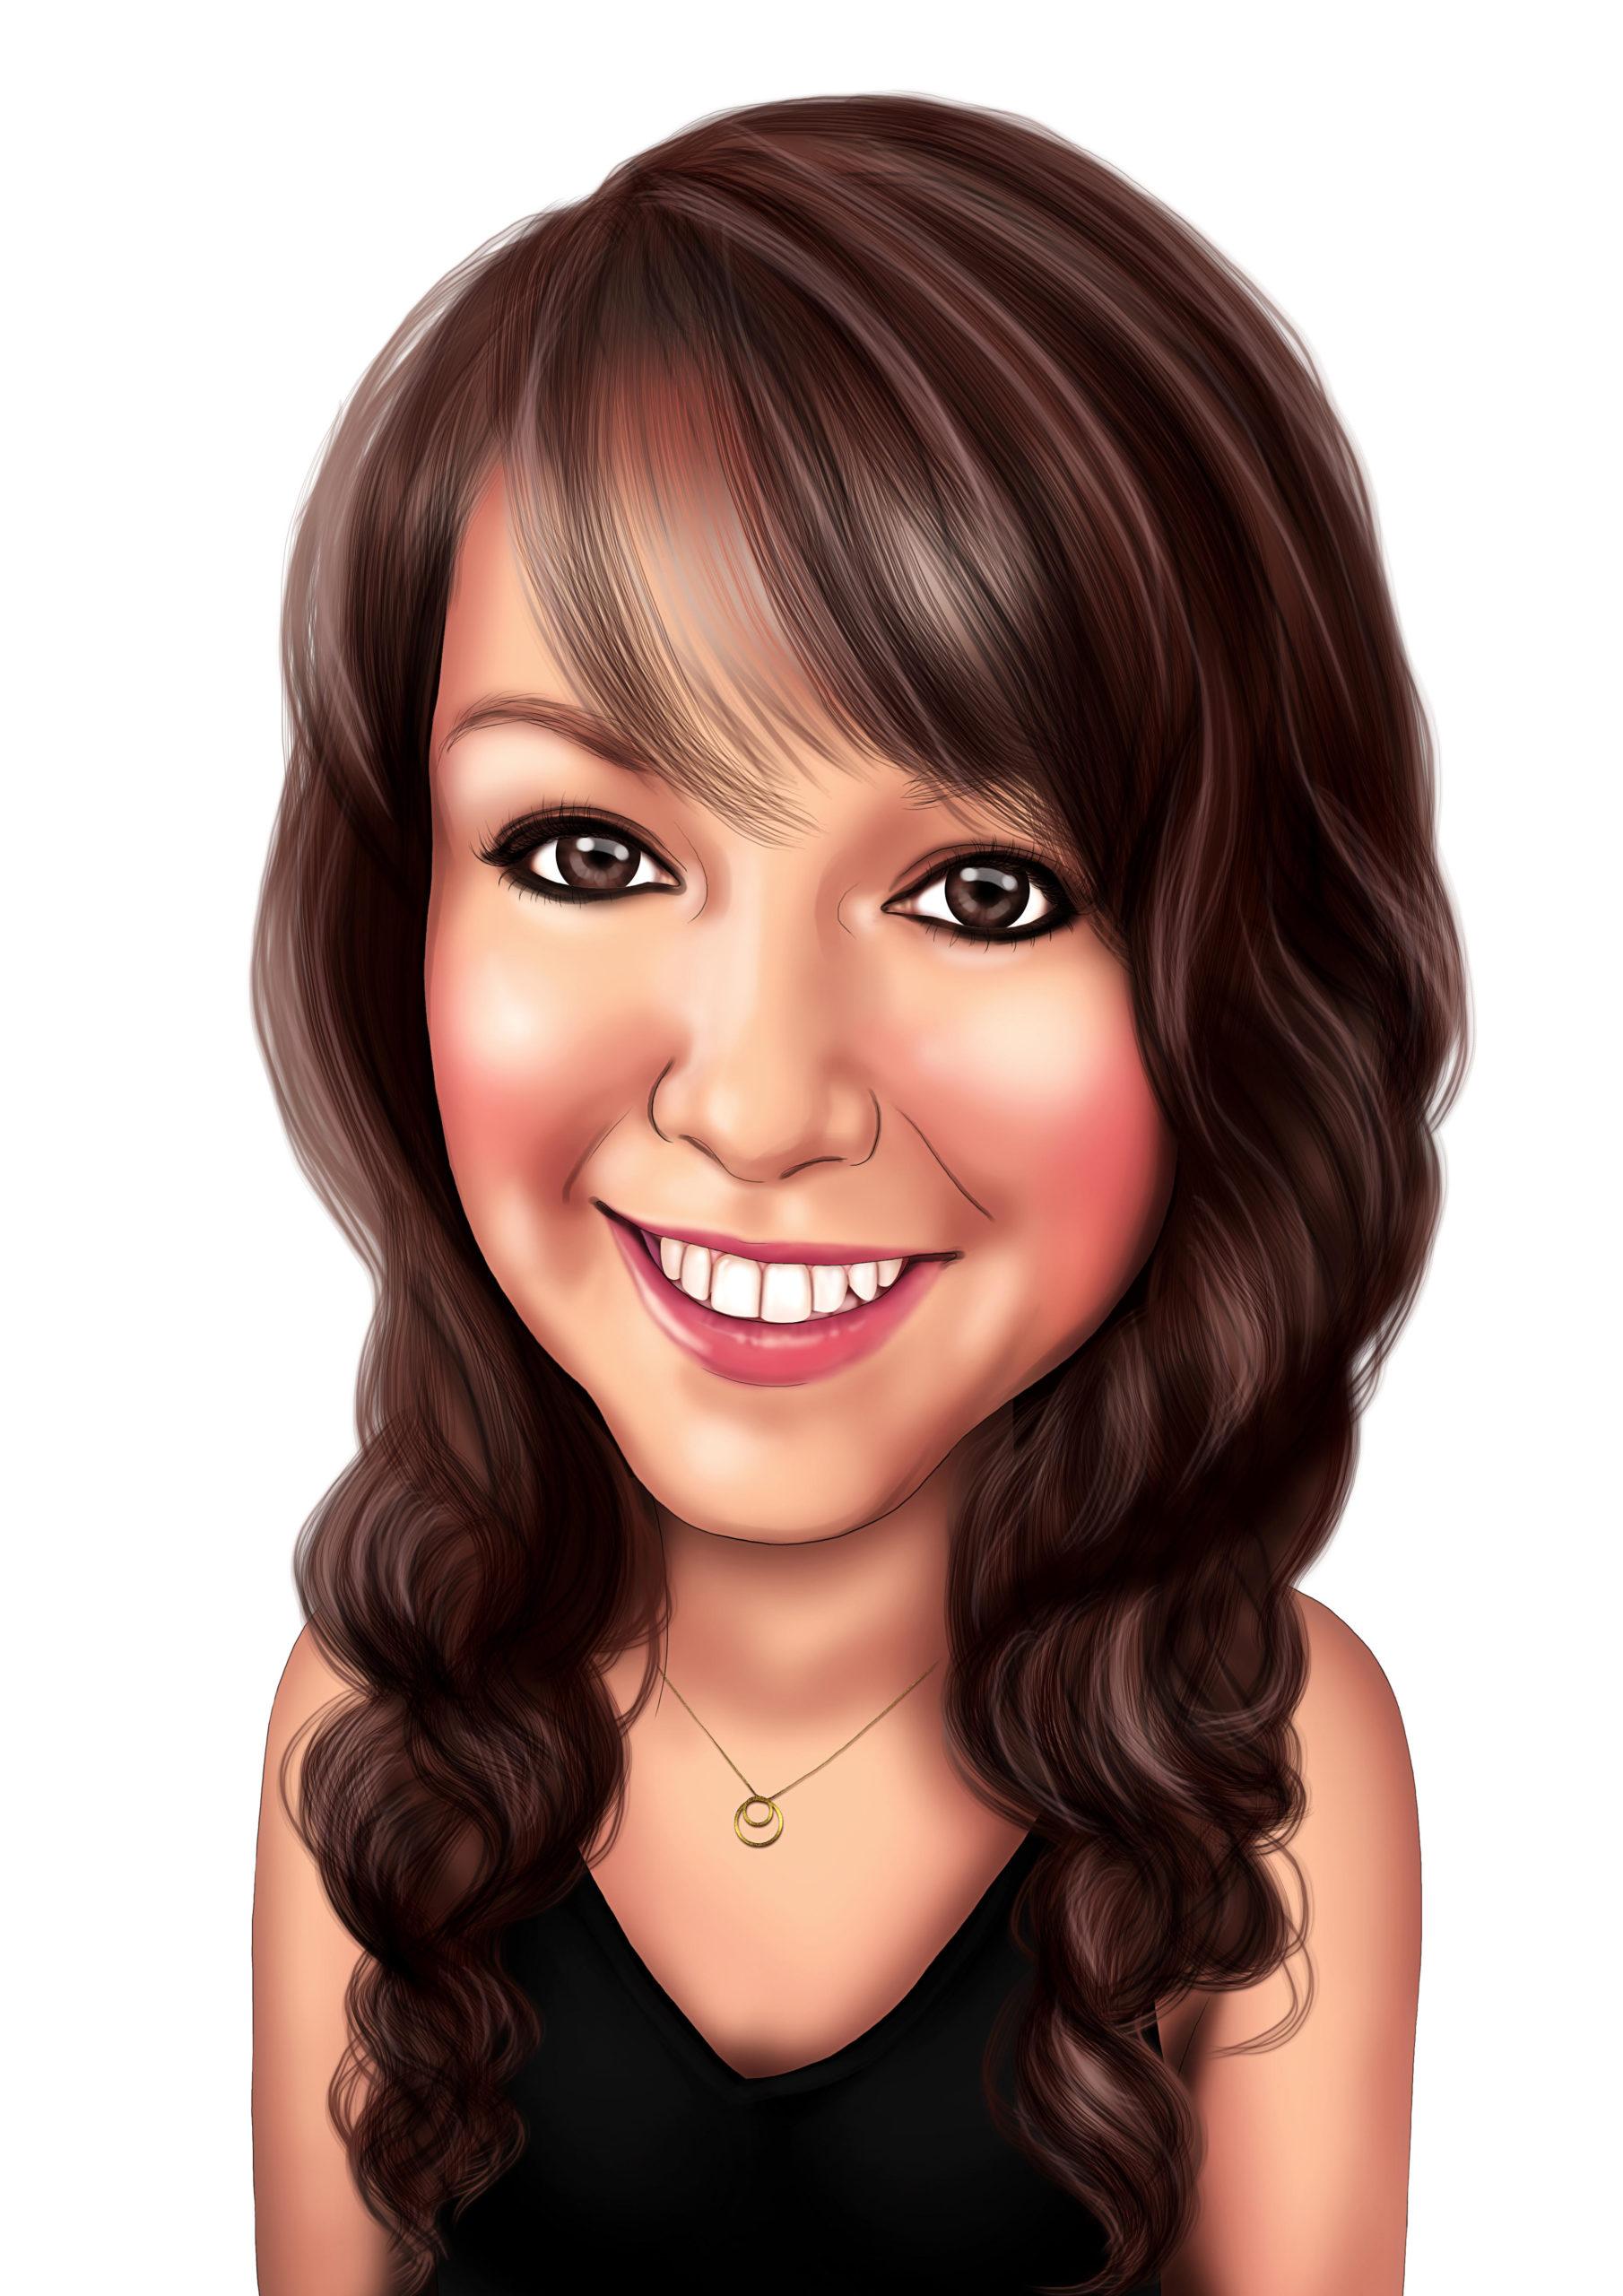 Sarah C Caricature